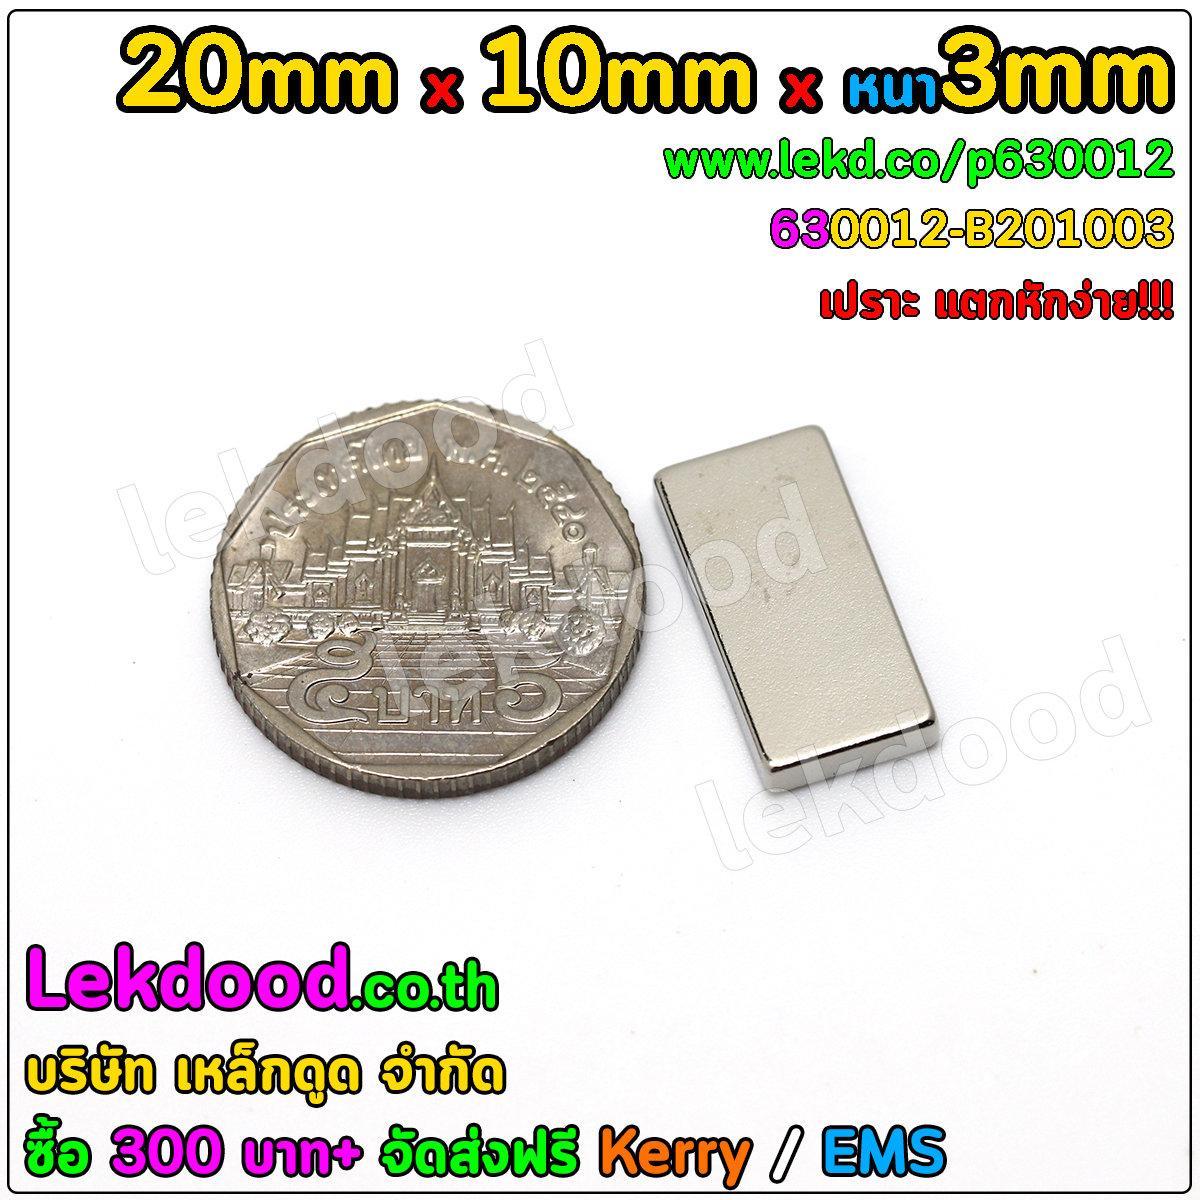 > แรงดูดสูงสุด 3,675 กรัมแรง < ขนาด  20mm x 10mm x 3mm รหัส 630012-B201003